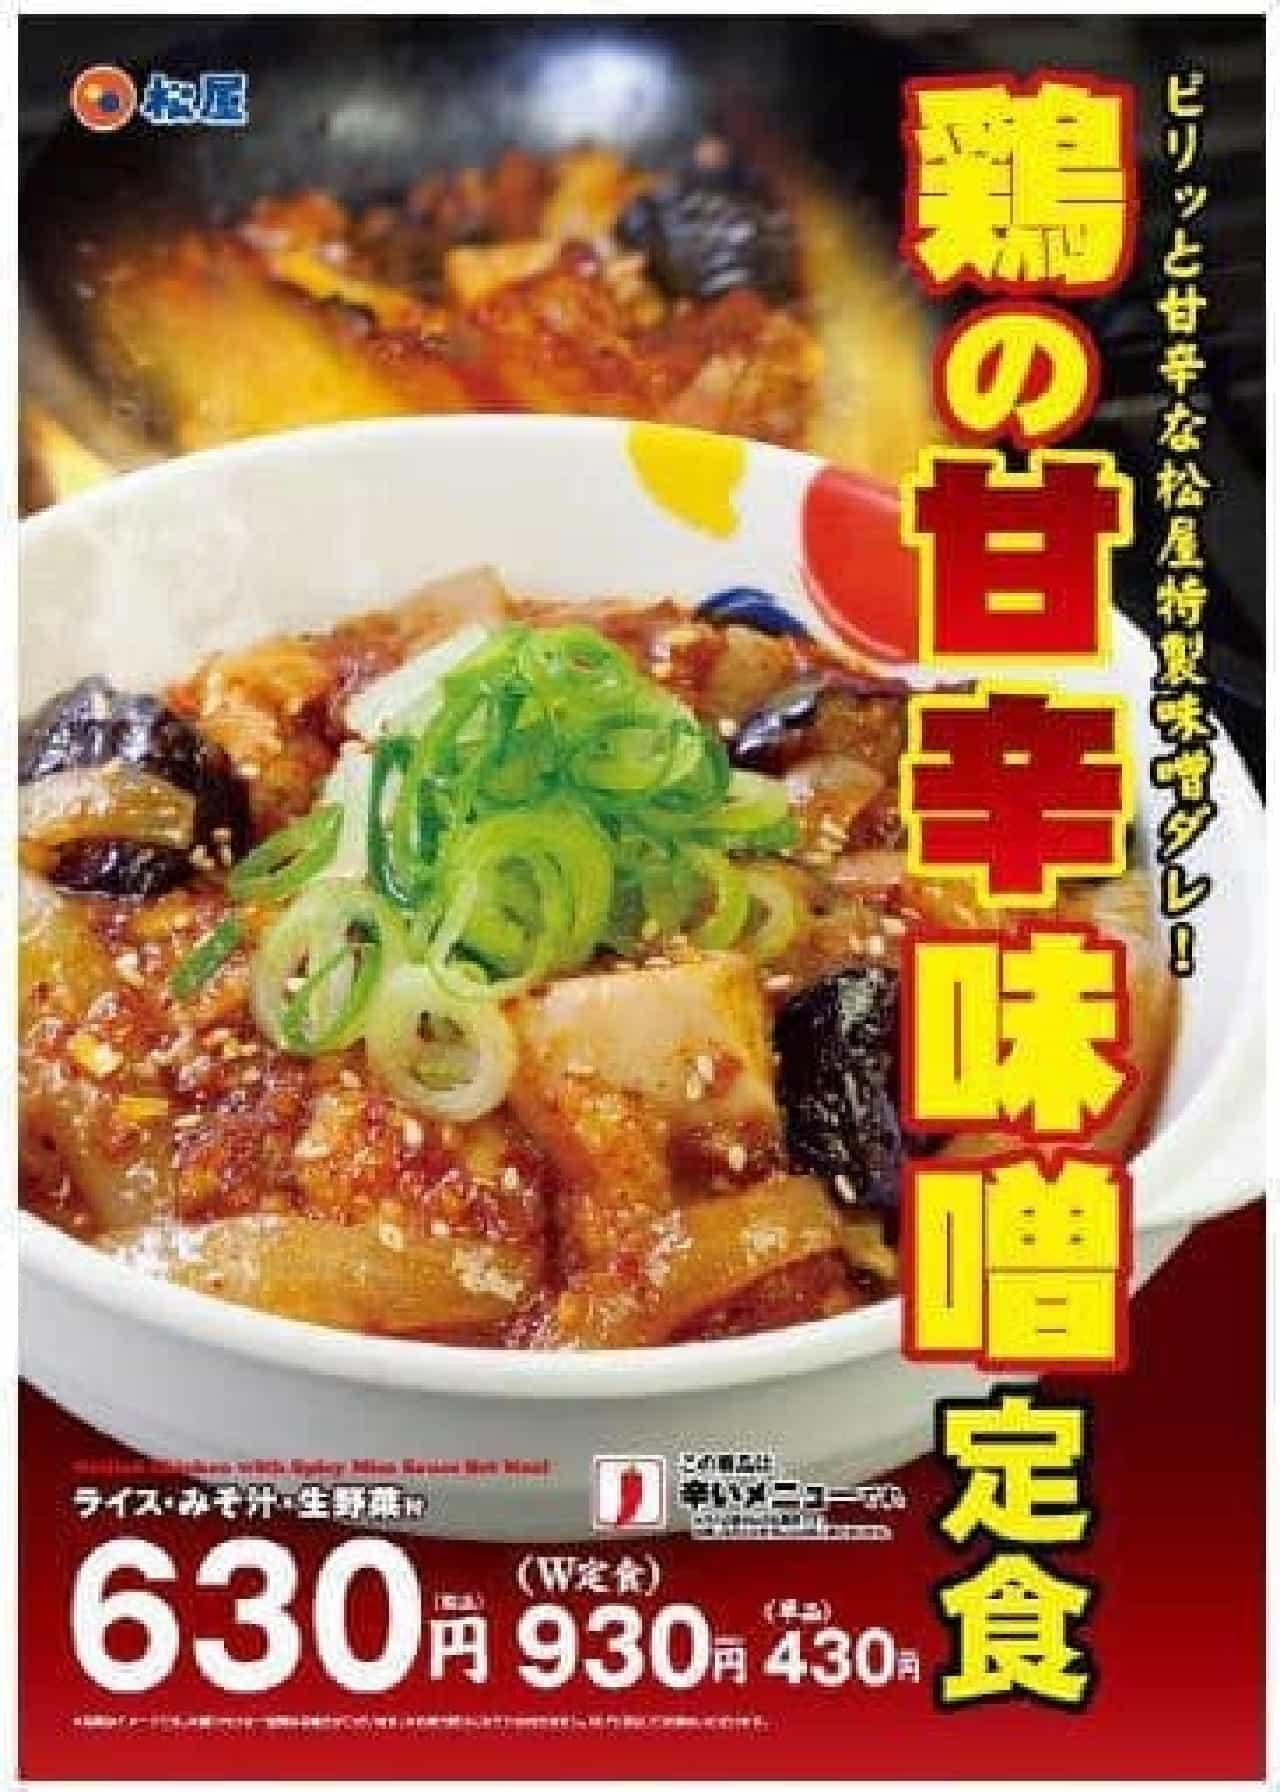 松屋「鶏の甘辛味噌定食」